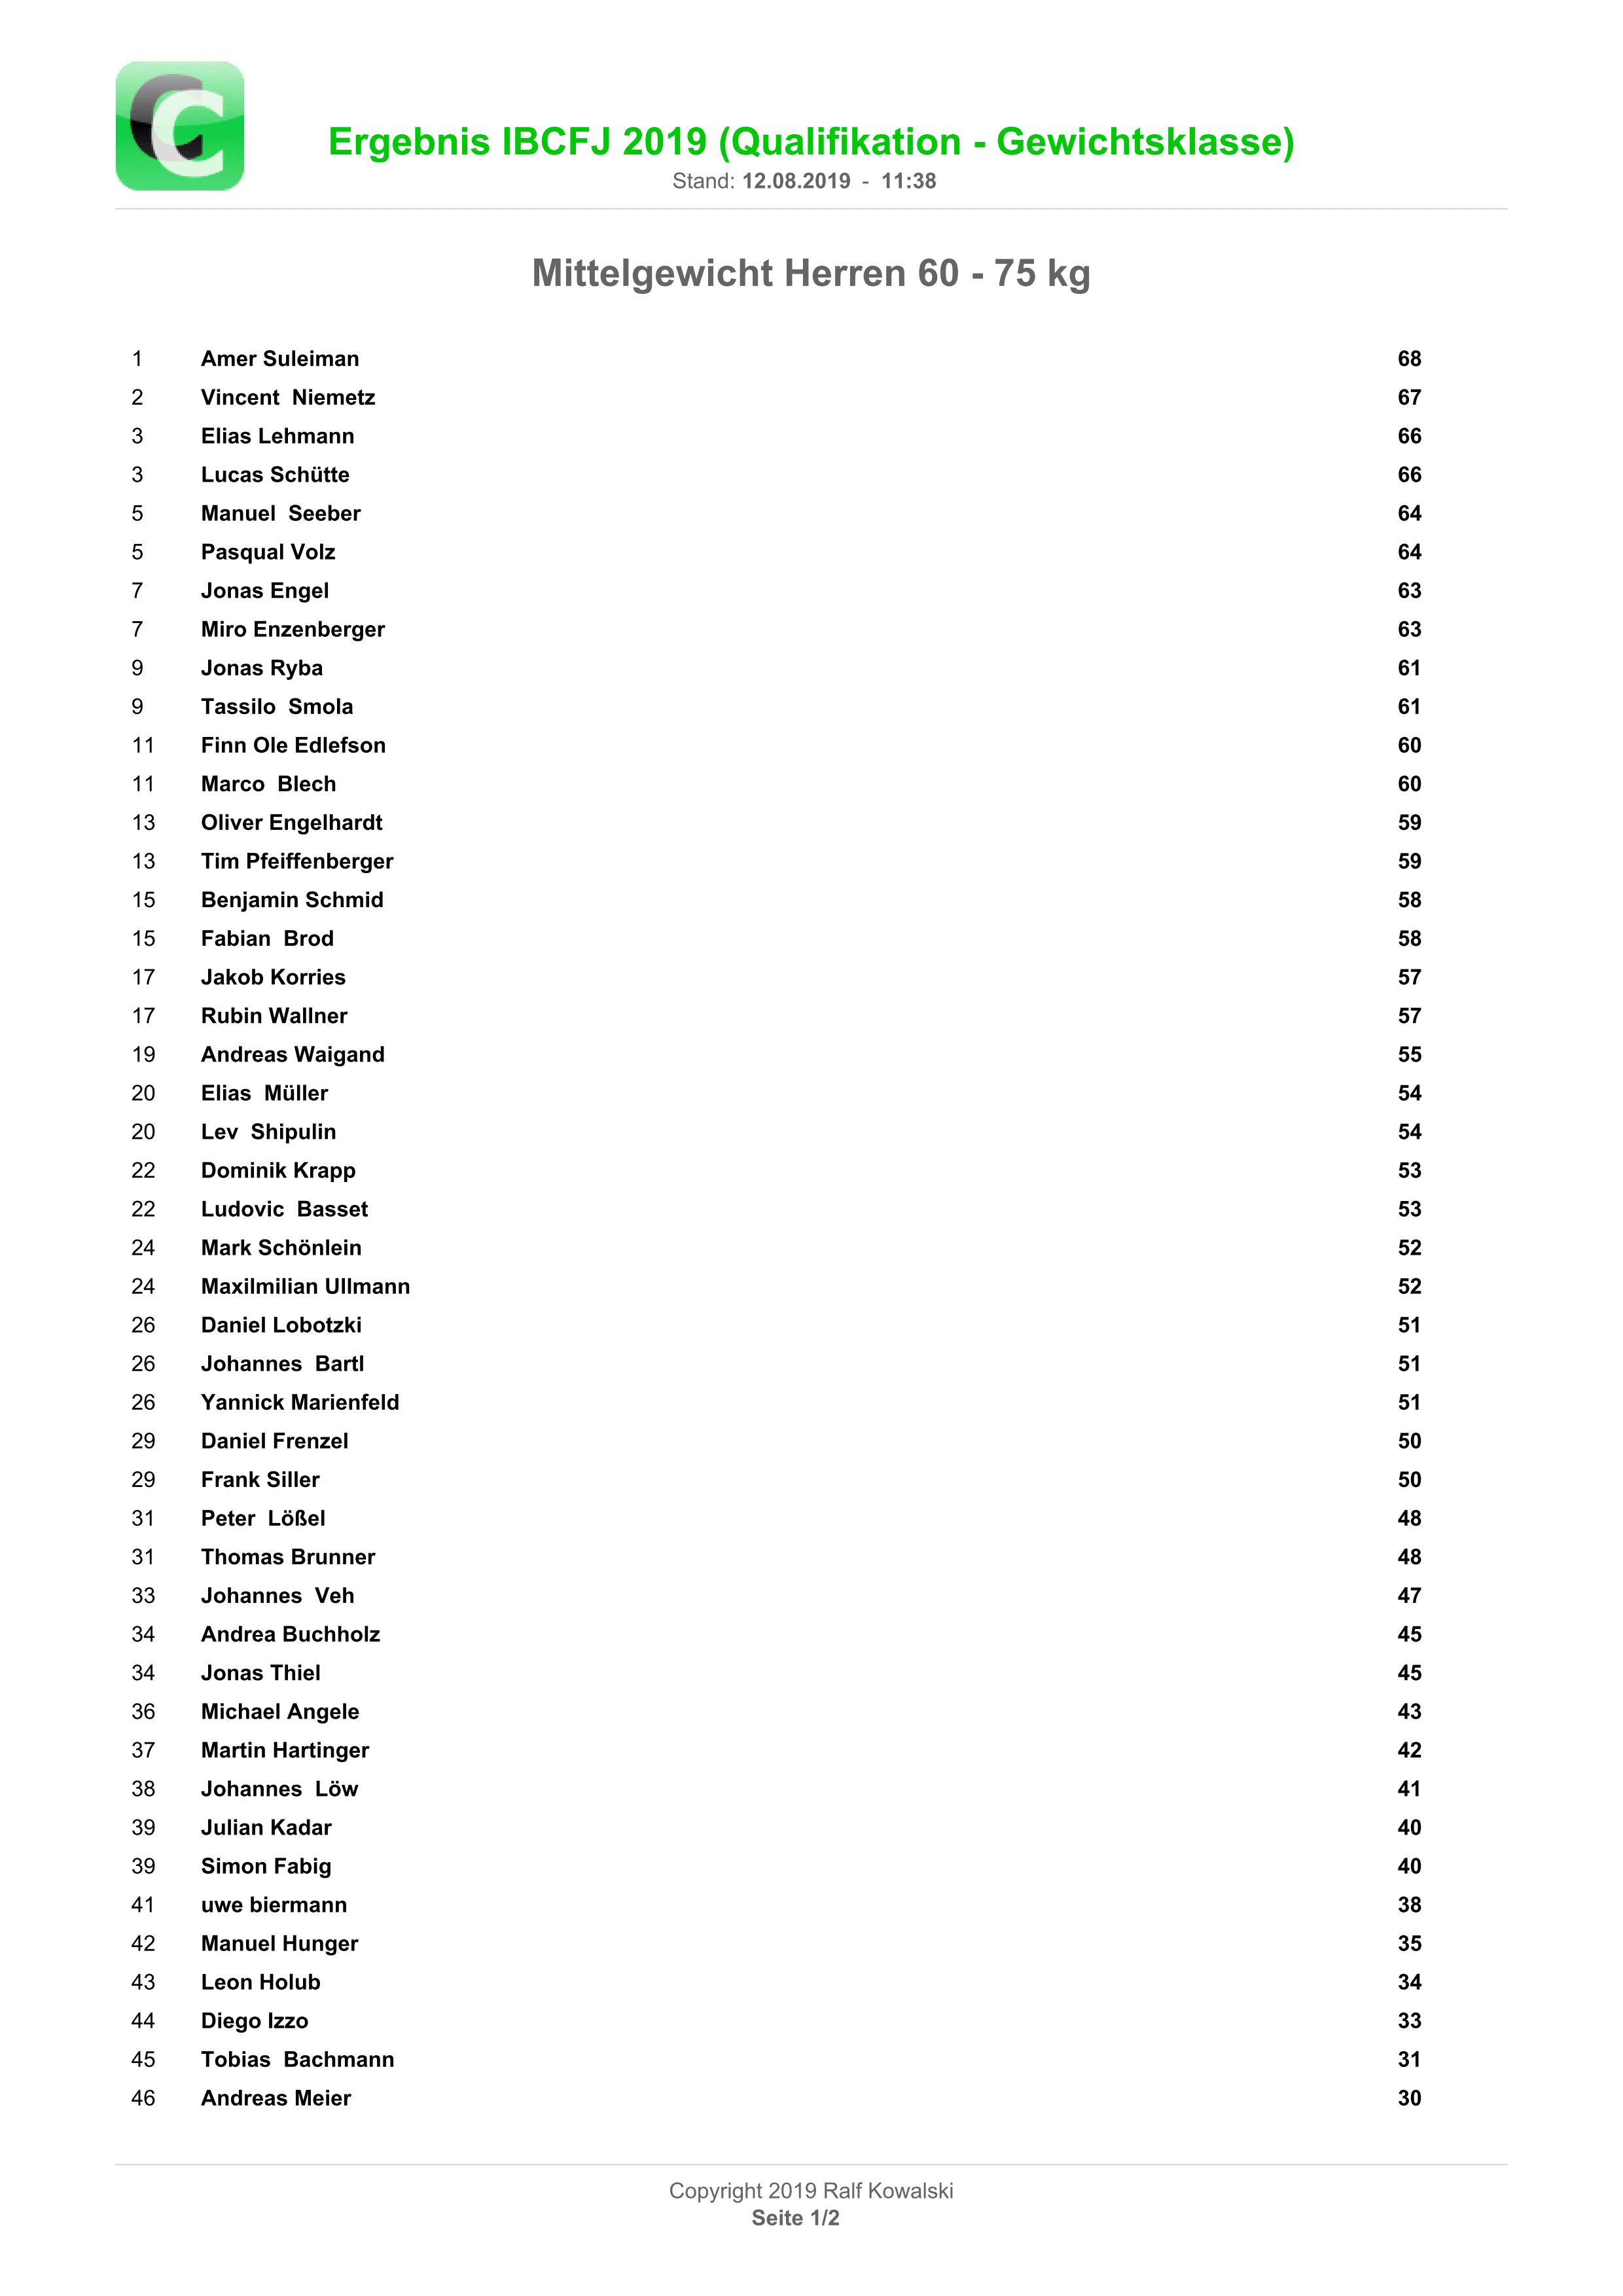 Ergebnisliste Mittelgewicht Herren01